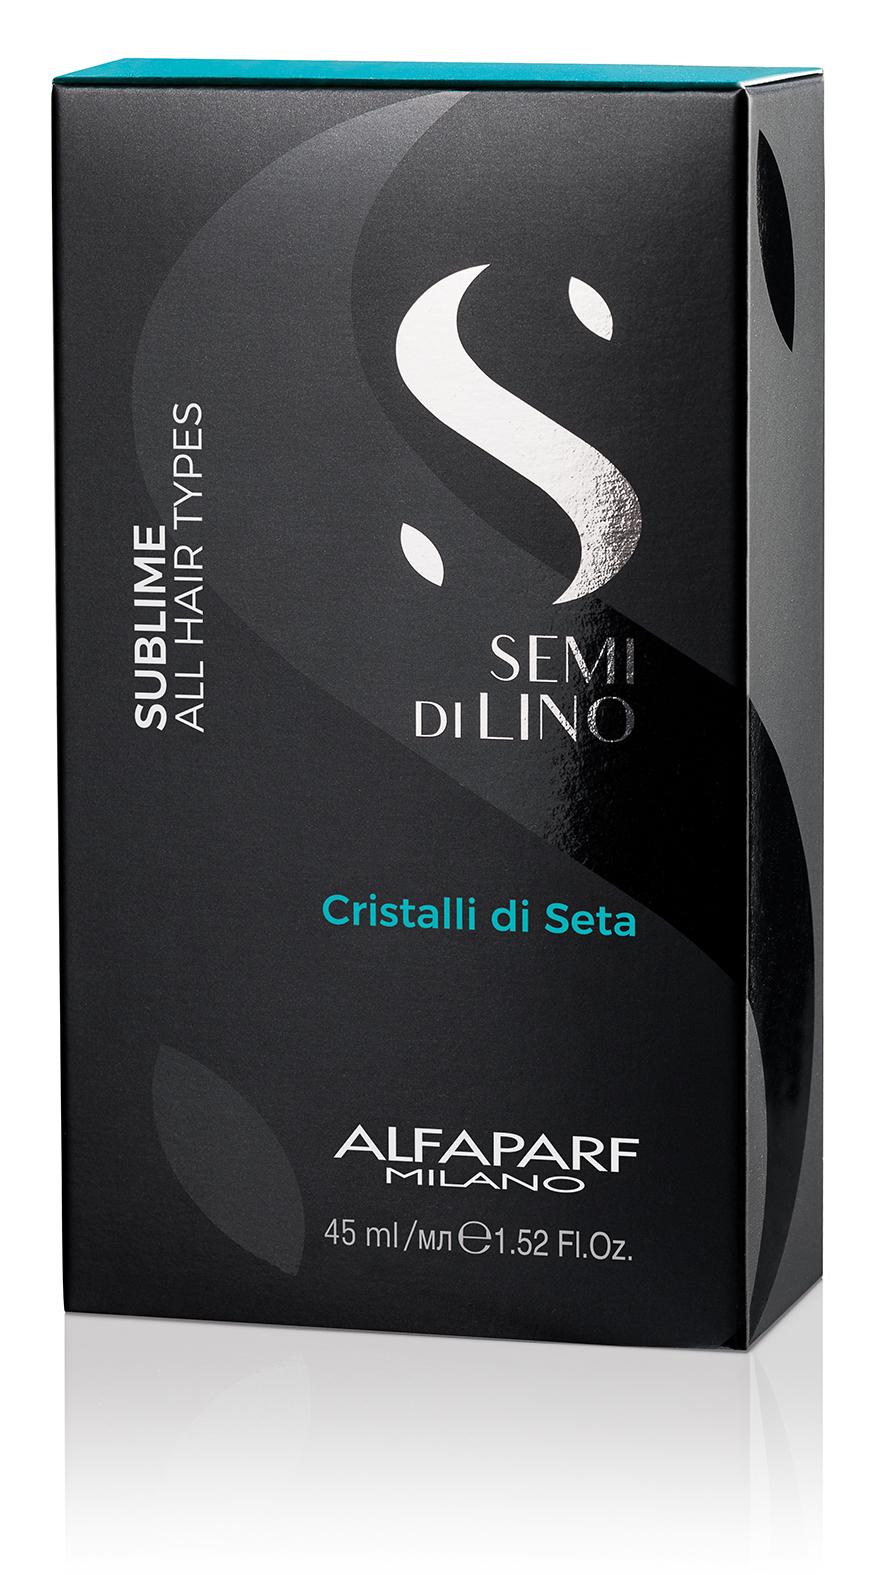 Двухфазная сыворотка для разглаживания волос Cristalli di Seta, 45 мл